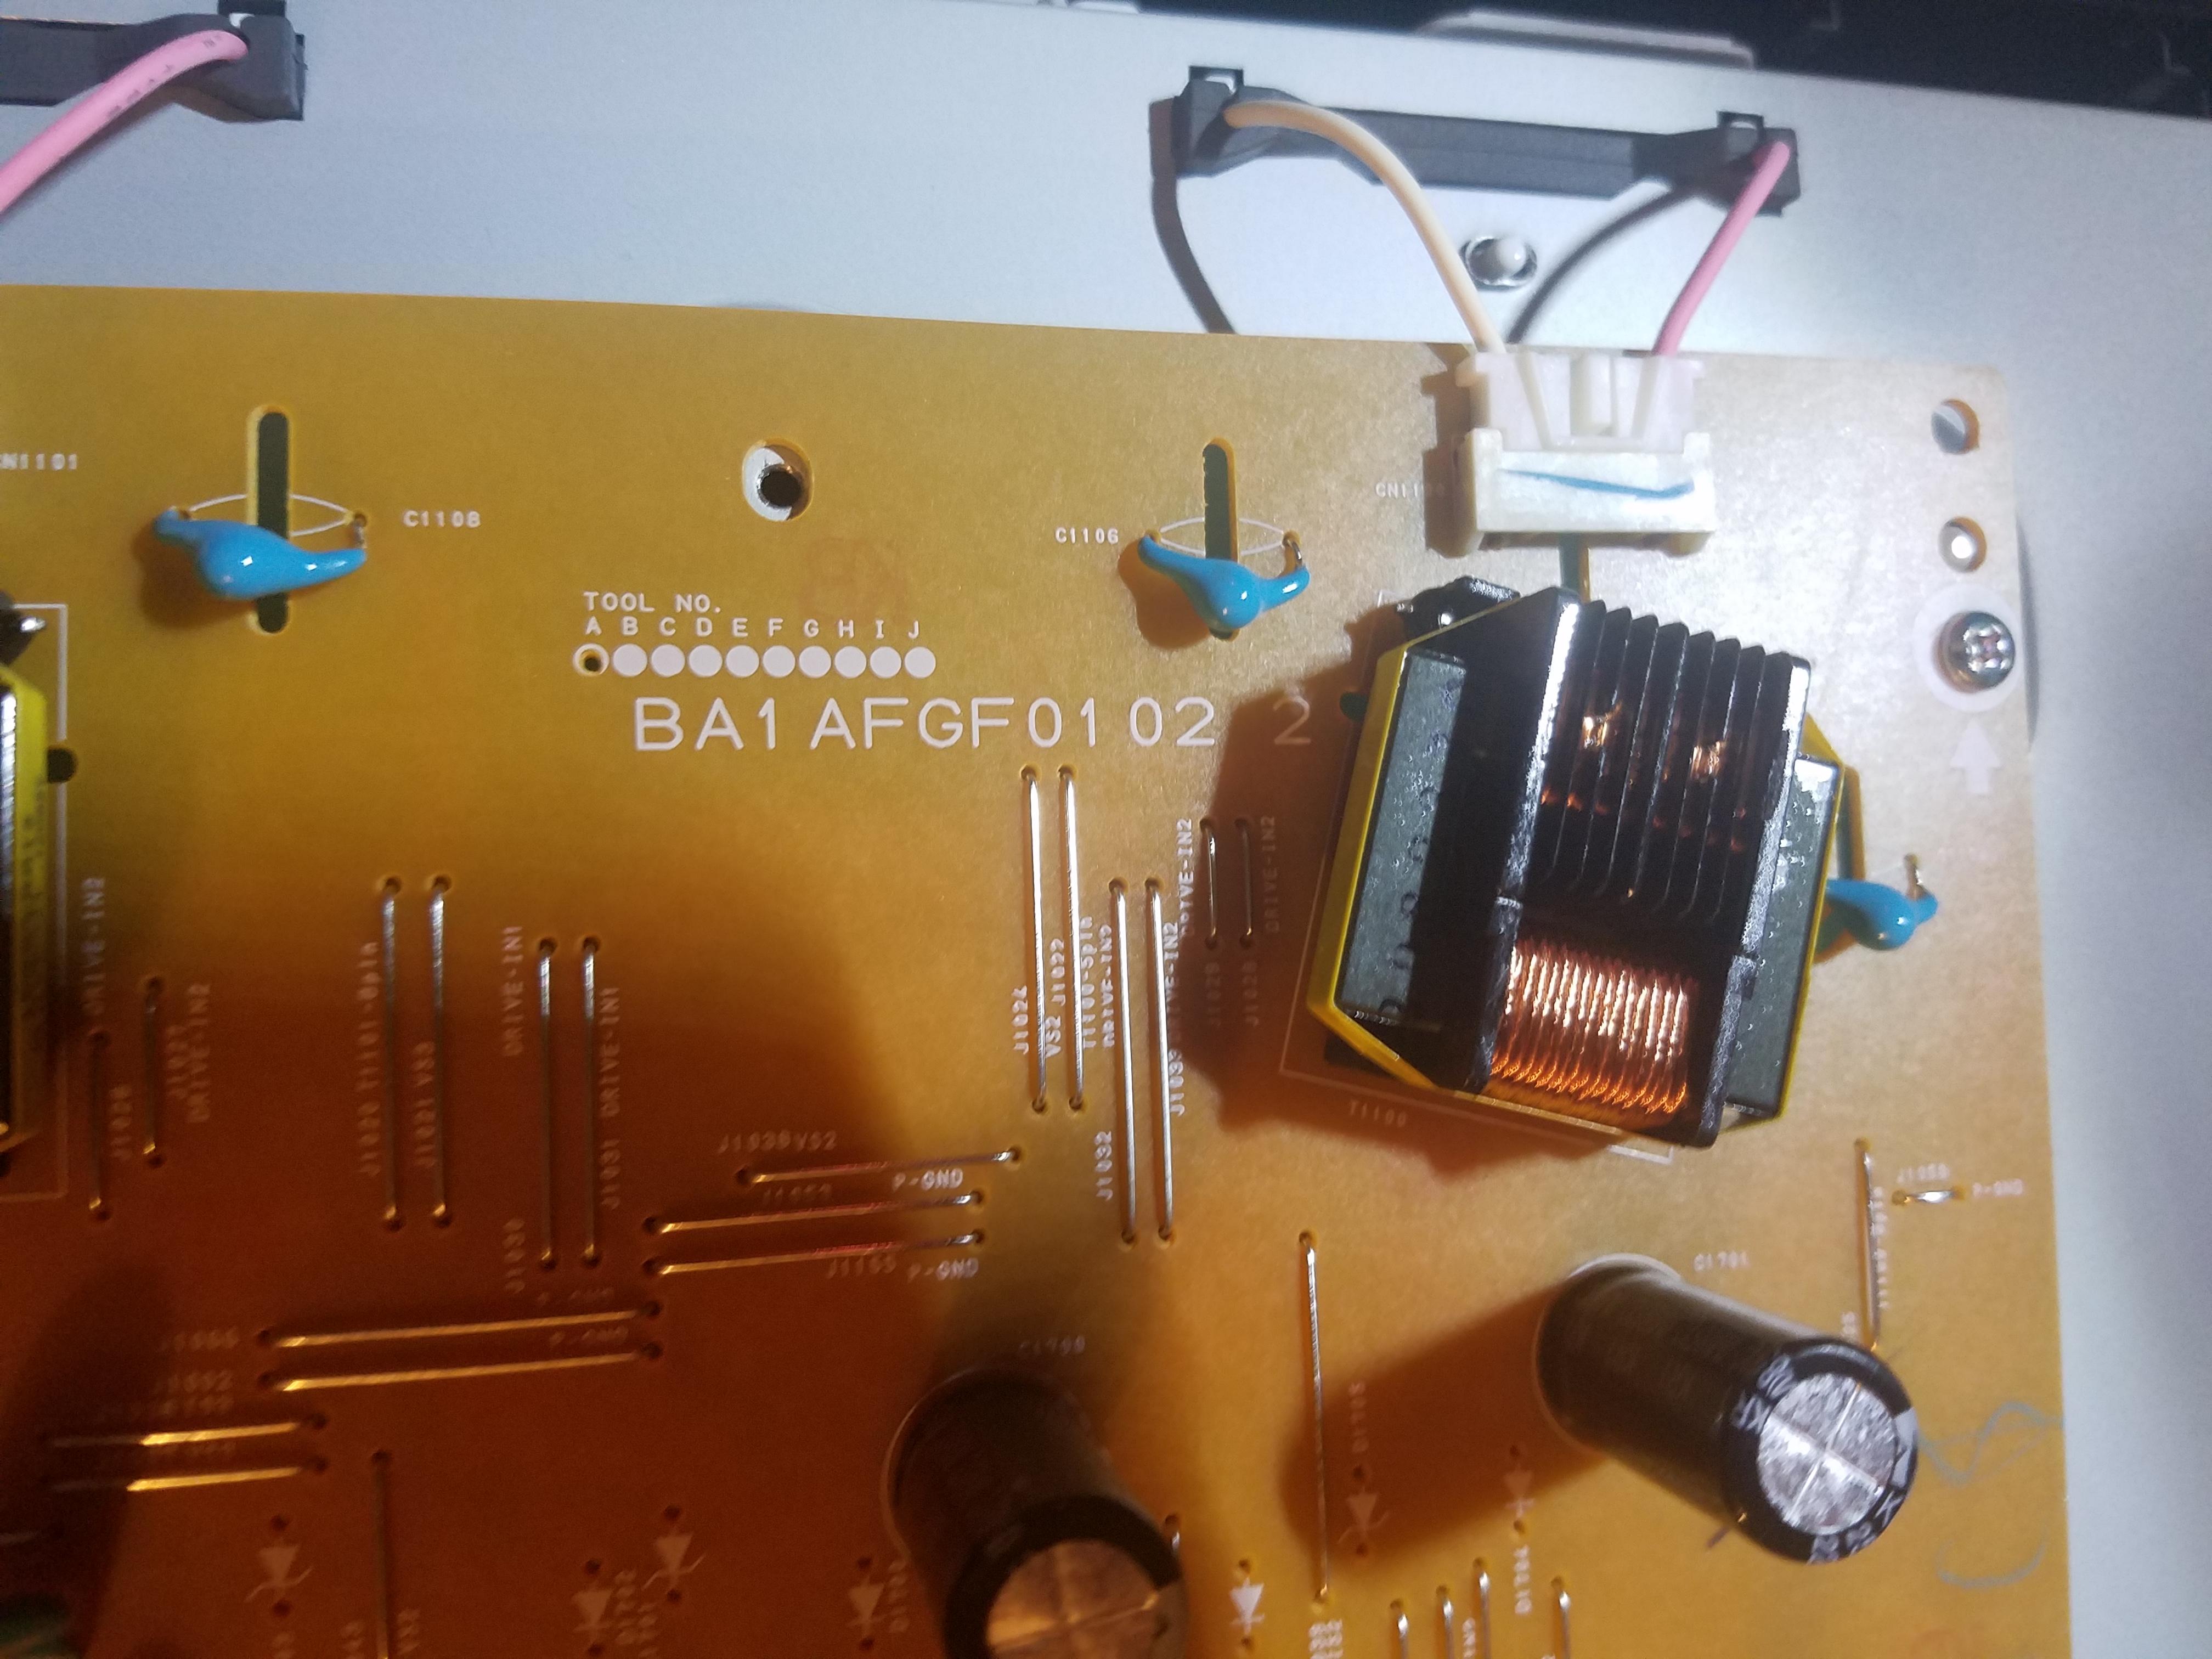 32: Funai, model lc320em3f a, no power whatsoever, no